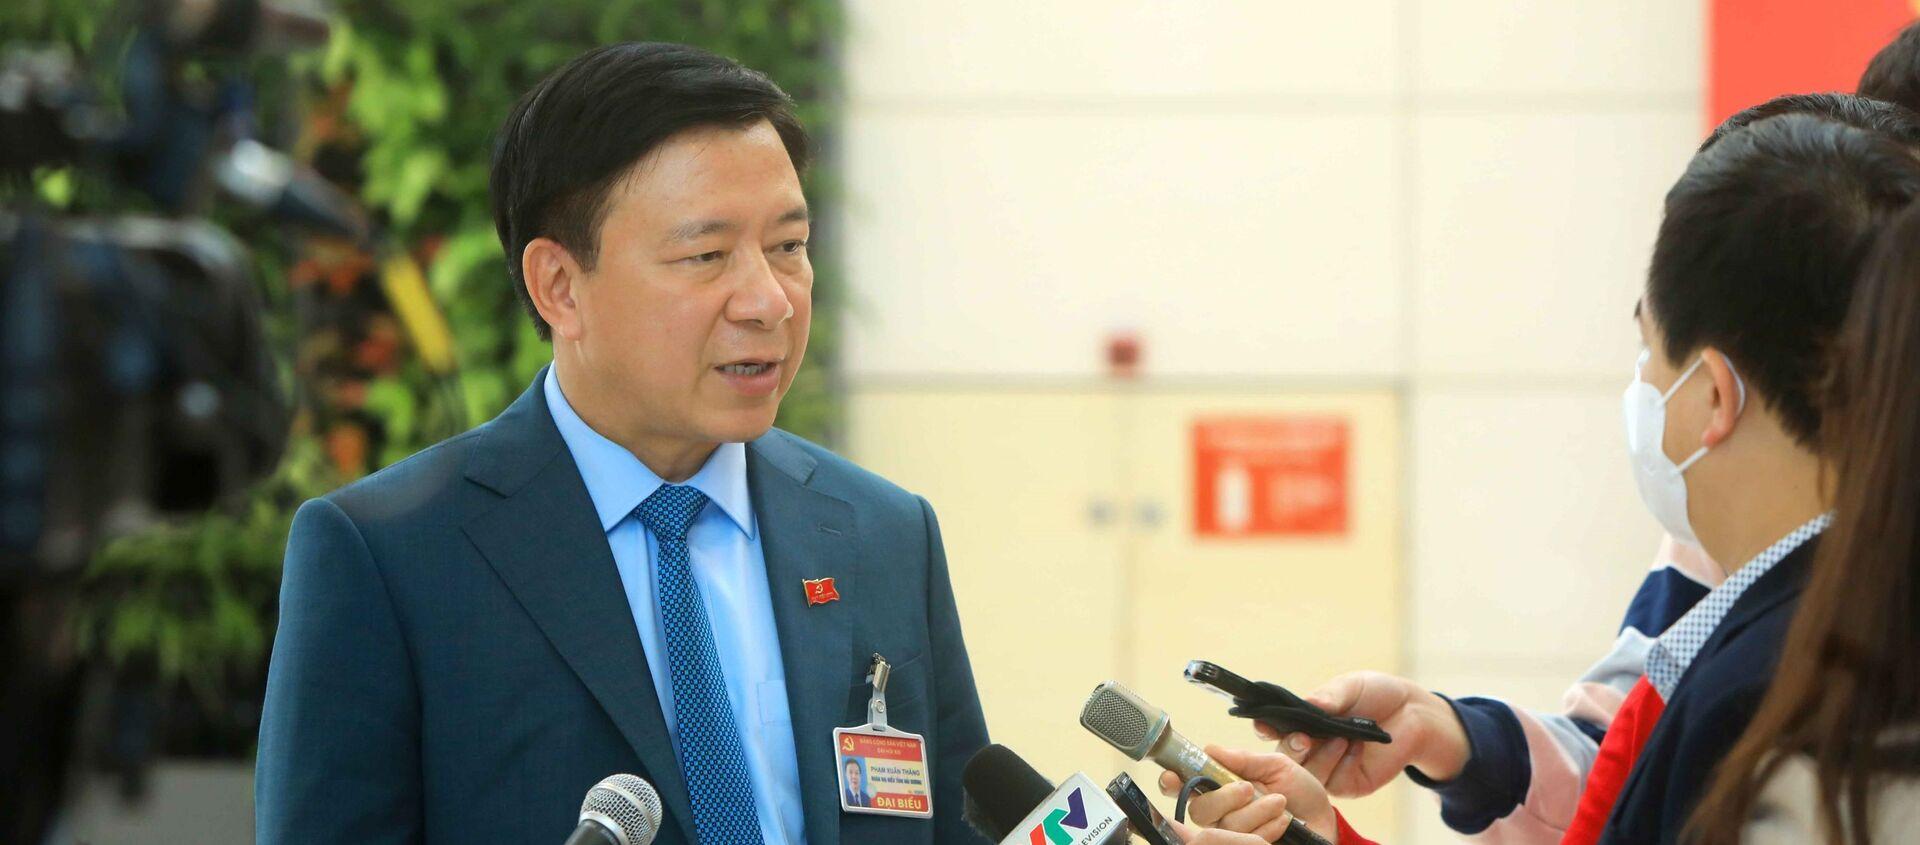 Bí thư Tỉnh ủy Hải Dương trả lời phỏng vấn của cơ quan báo chí về việc phát hiện các ca lây nhiễm COVID-19 trong cộng đồng tại Hải Dương và Quảng Ninh - Sputnik Việt Nam, 1920, 28.01.2021